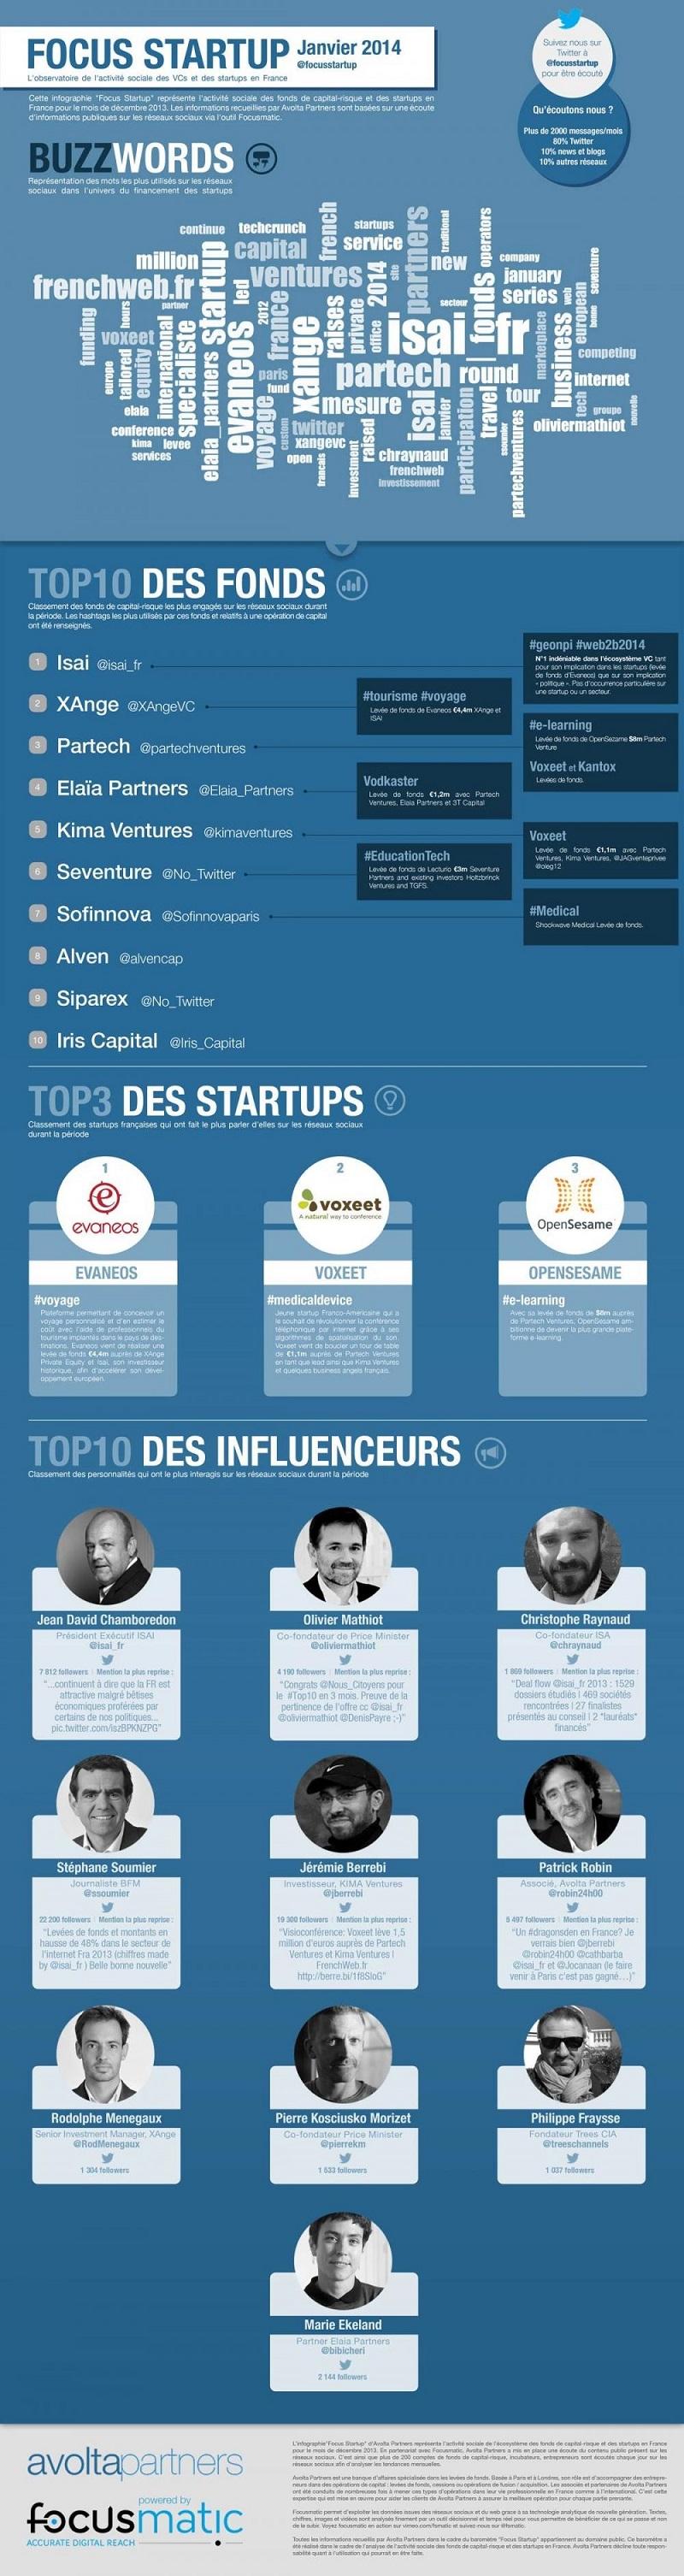 """Cette infographie """"Focus Startup"""" représente l'activité sociale des fonds de capital-risque et startups en France pour le mois de janvier 2014."""